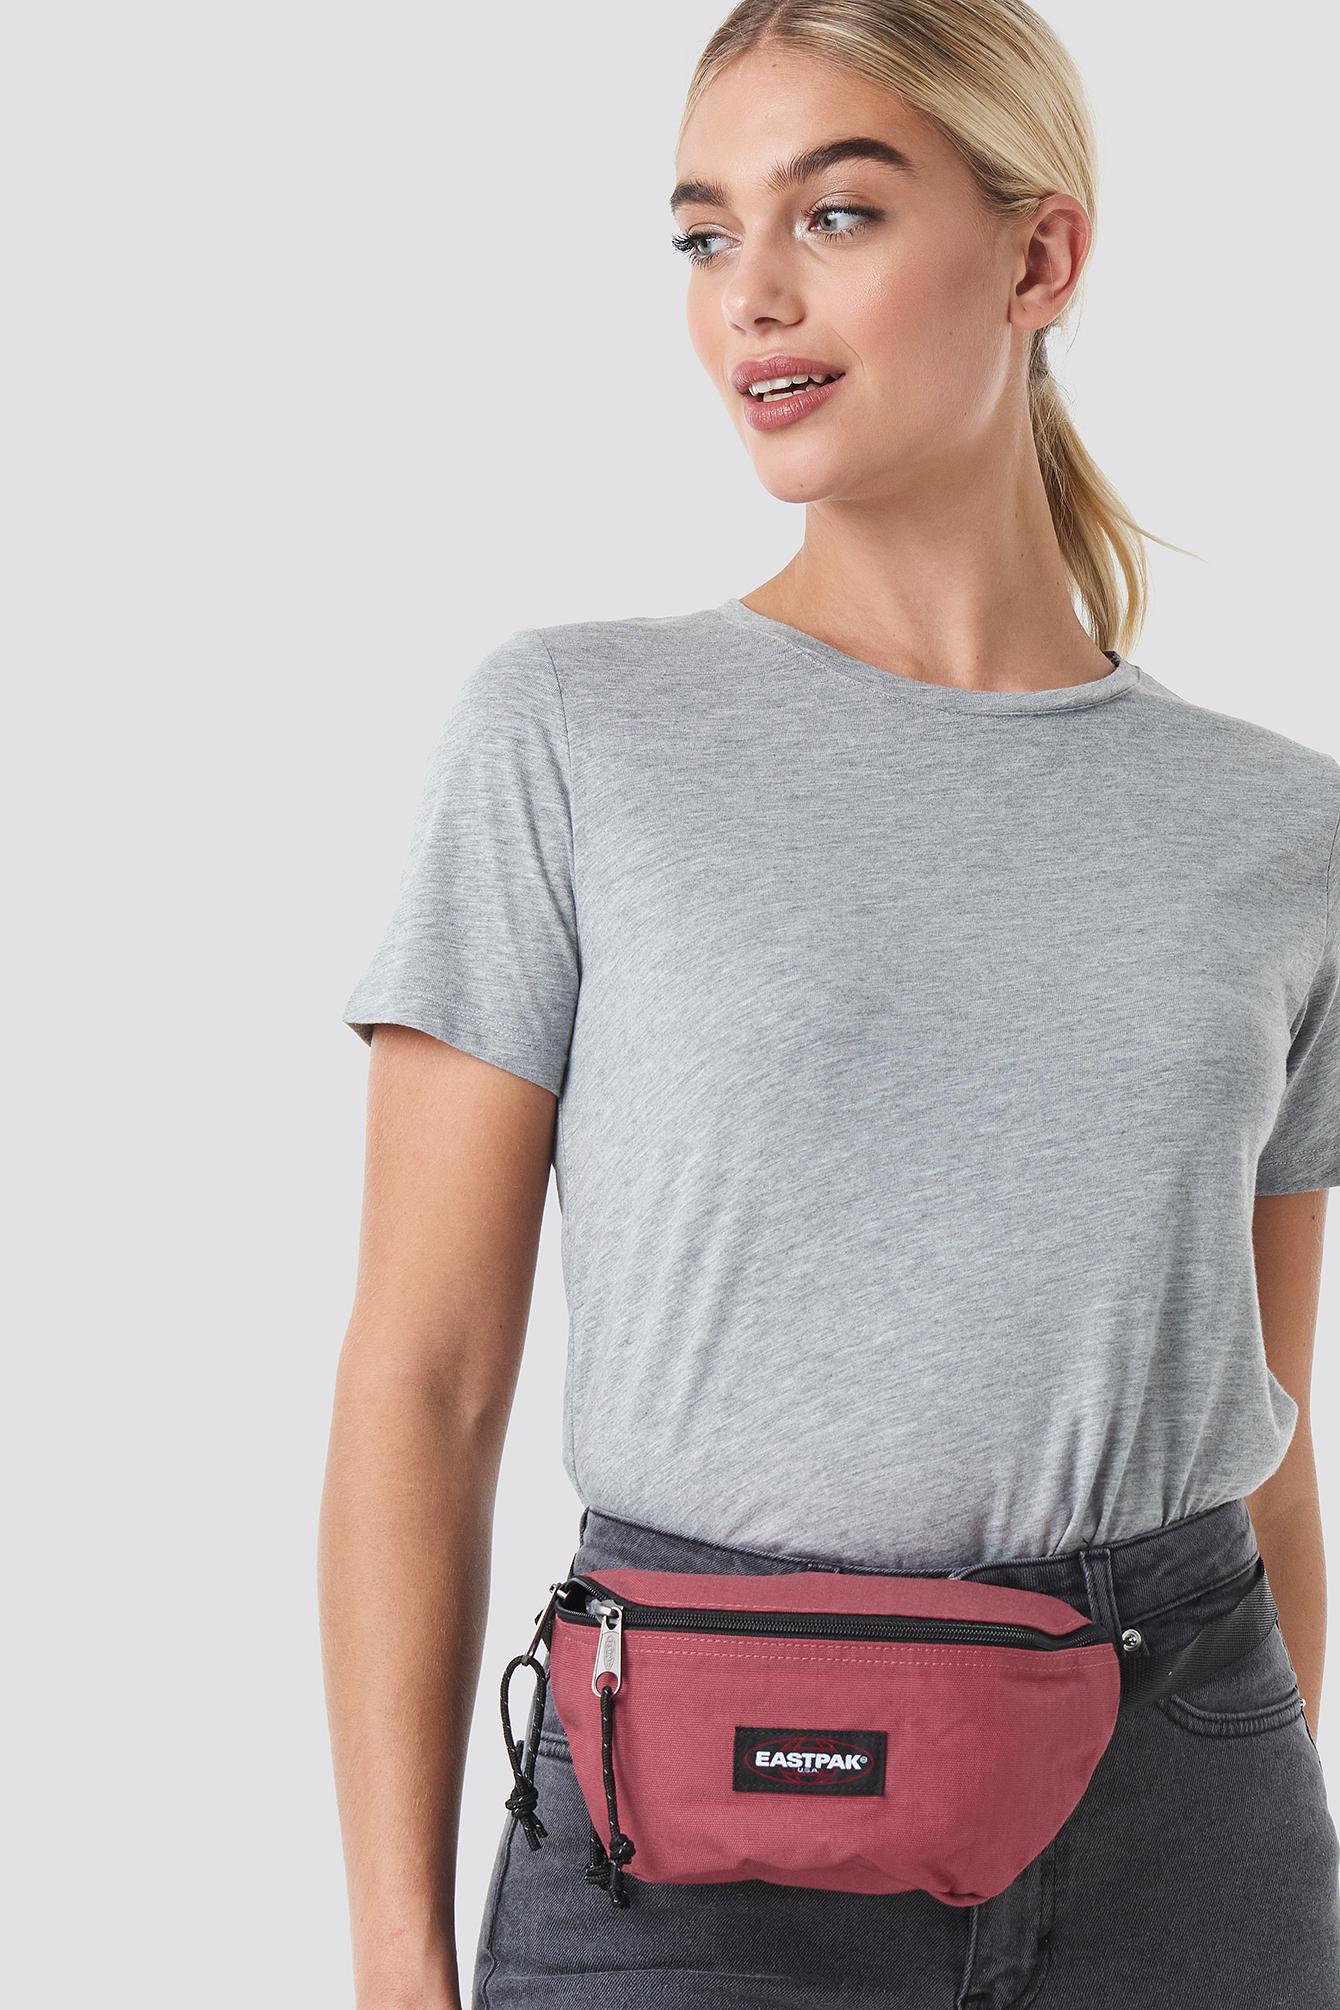 eastpak -  Springer Bag - Pink